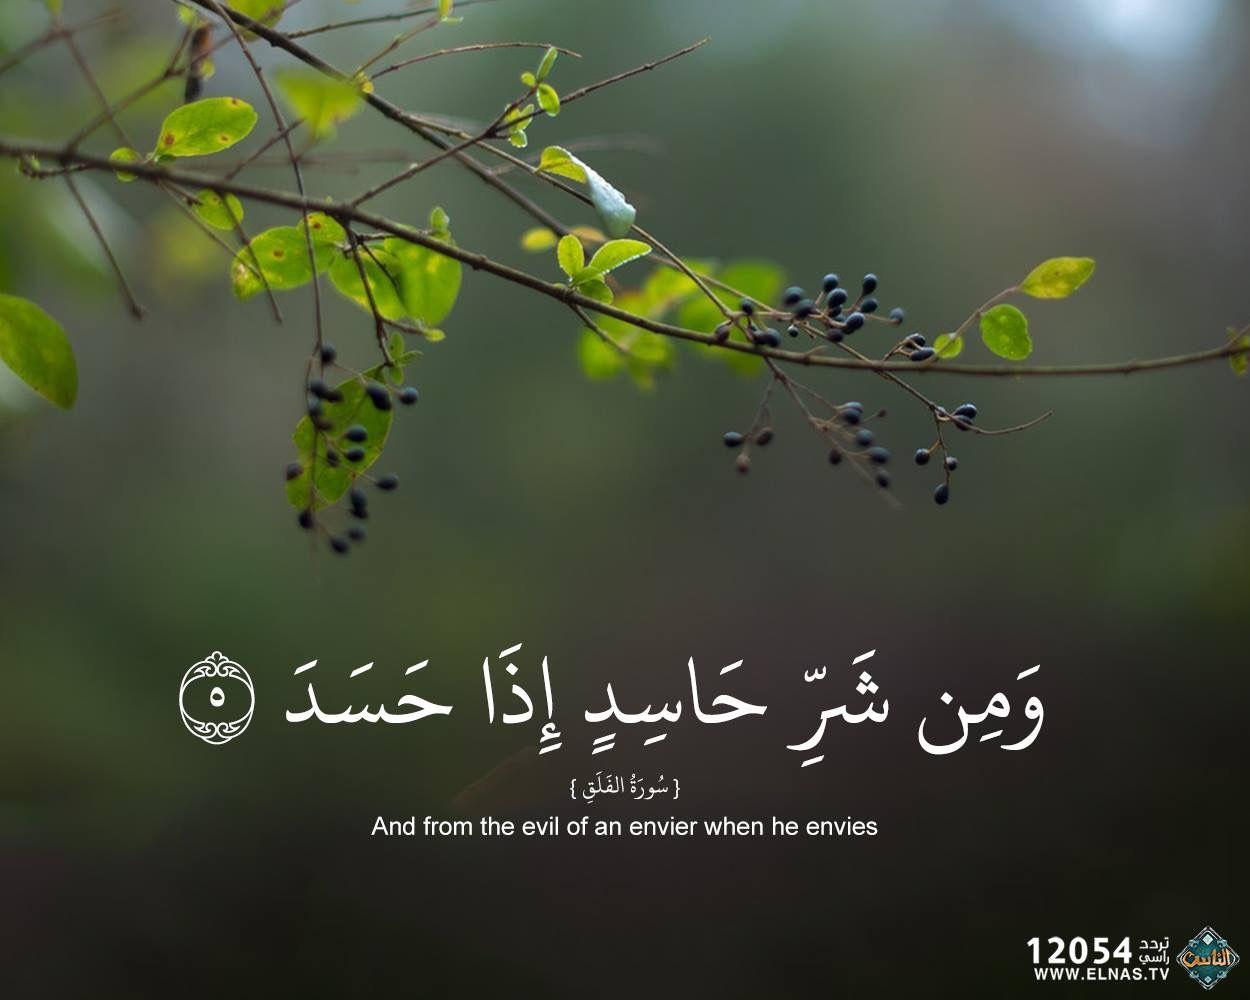 اللهم احمنا من شر الحاسدين والحاقدين ومن أراد بنا أو بالمسلمين سوء فرد كيده في نحره